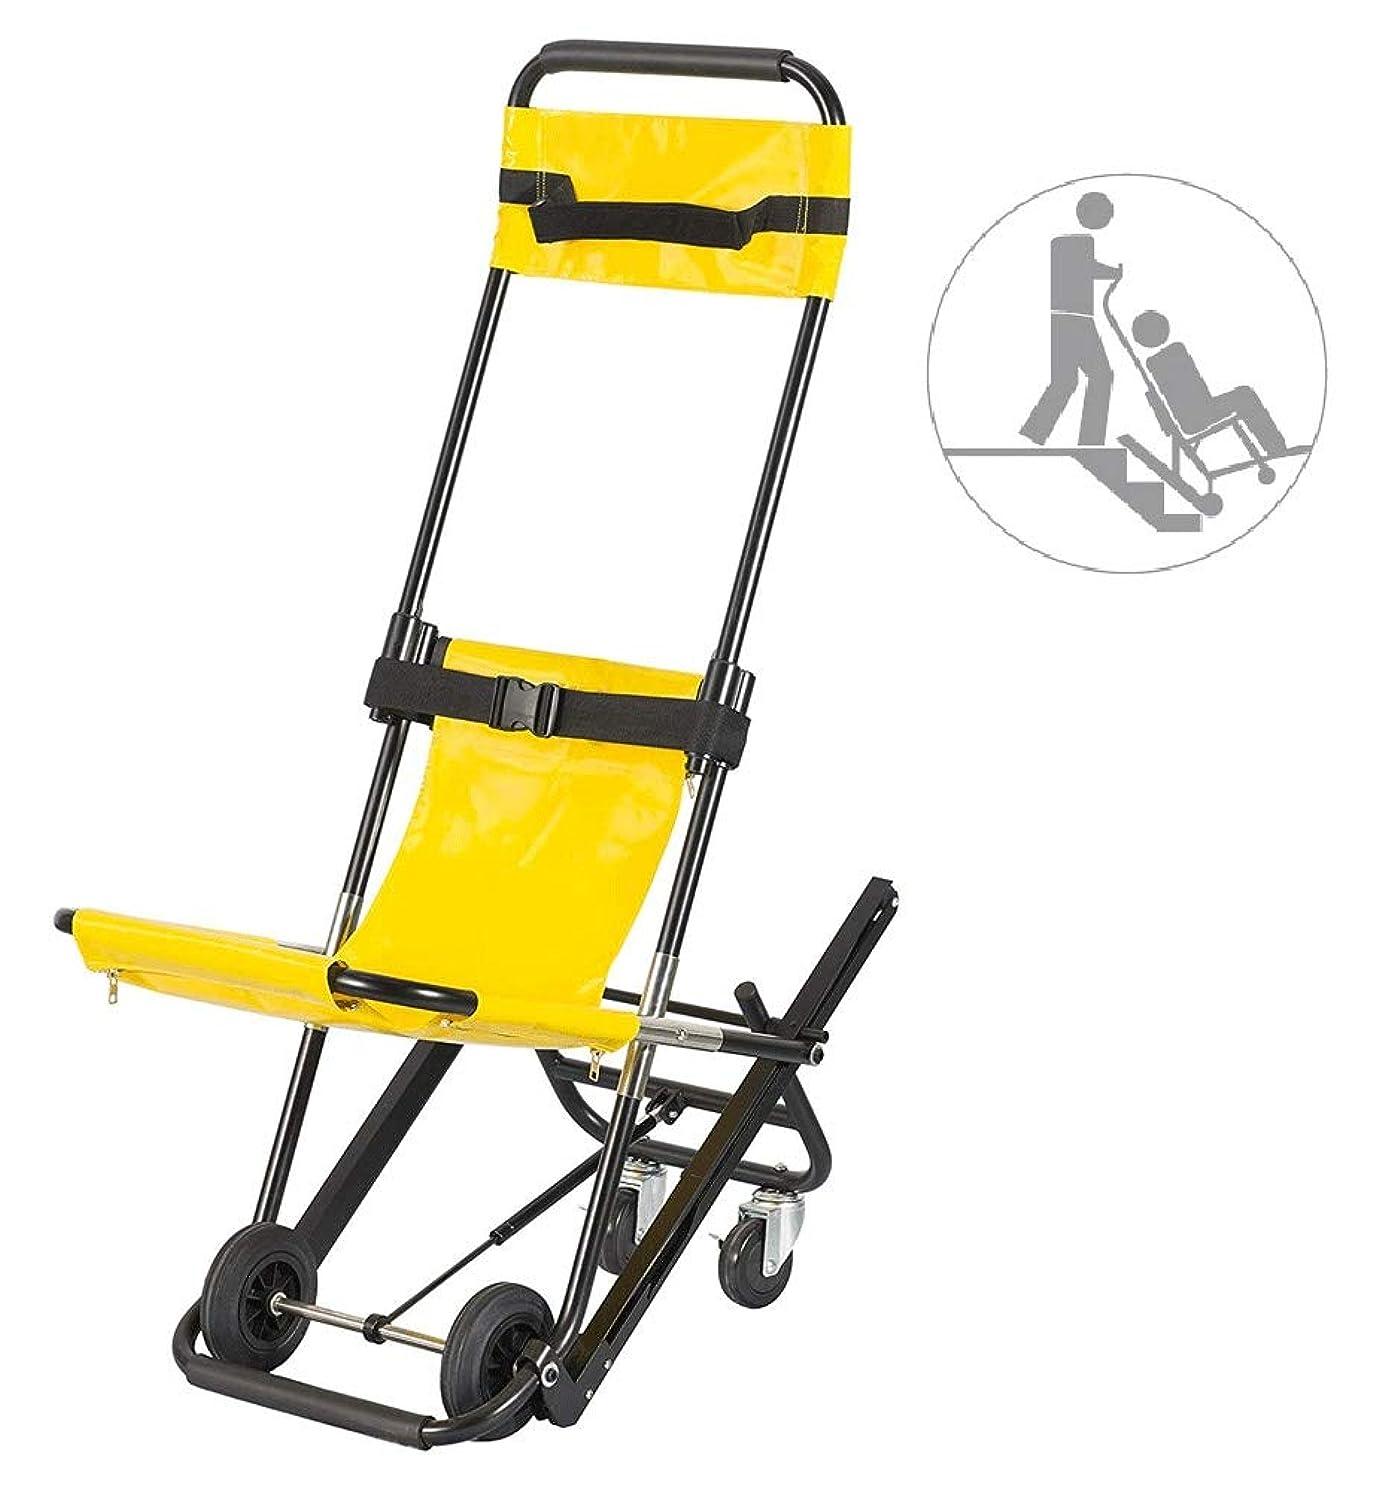 救急車弾性象EMS階段議長は、階段昇降車椅子アルミ軽量折りたたみメディカルクイックリリースバックル350ポンド容量、イエローと階段チェアリフト